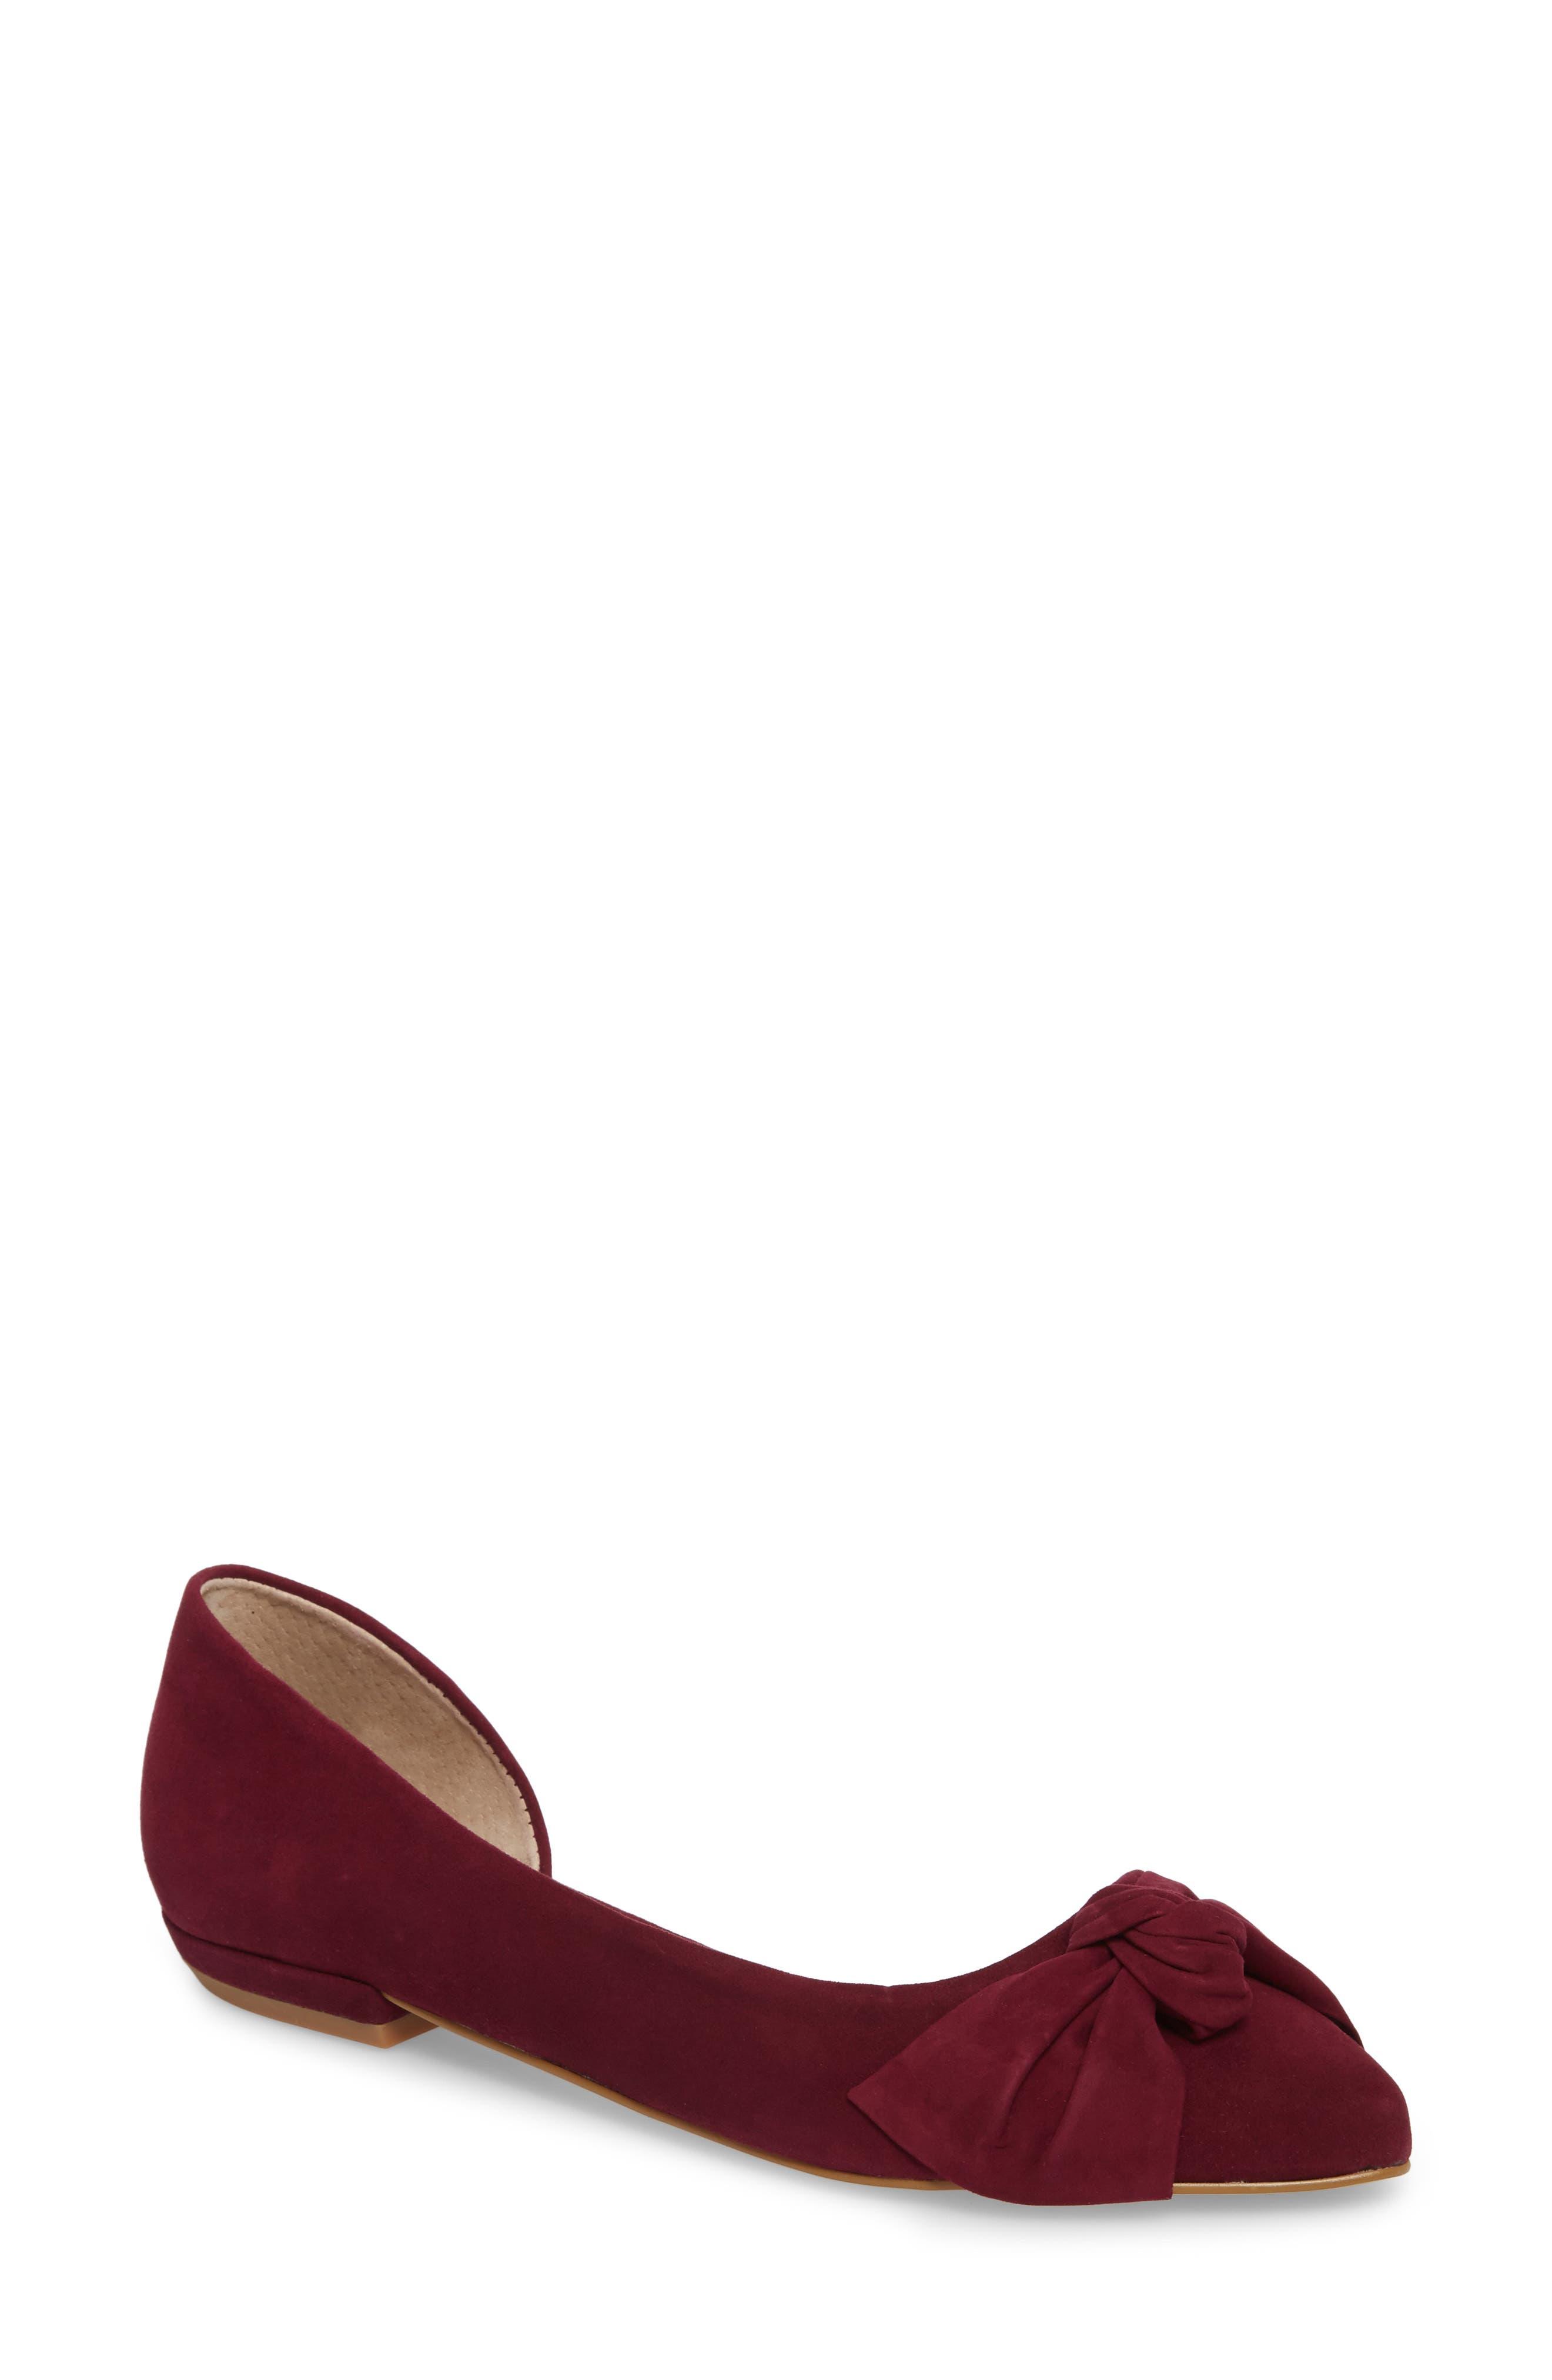 Alternate Image 1 Selected - Steve Madden Edina d'Orsay Bow Flat (Women)